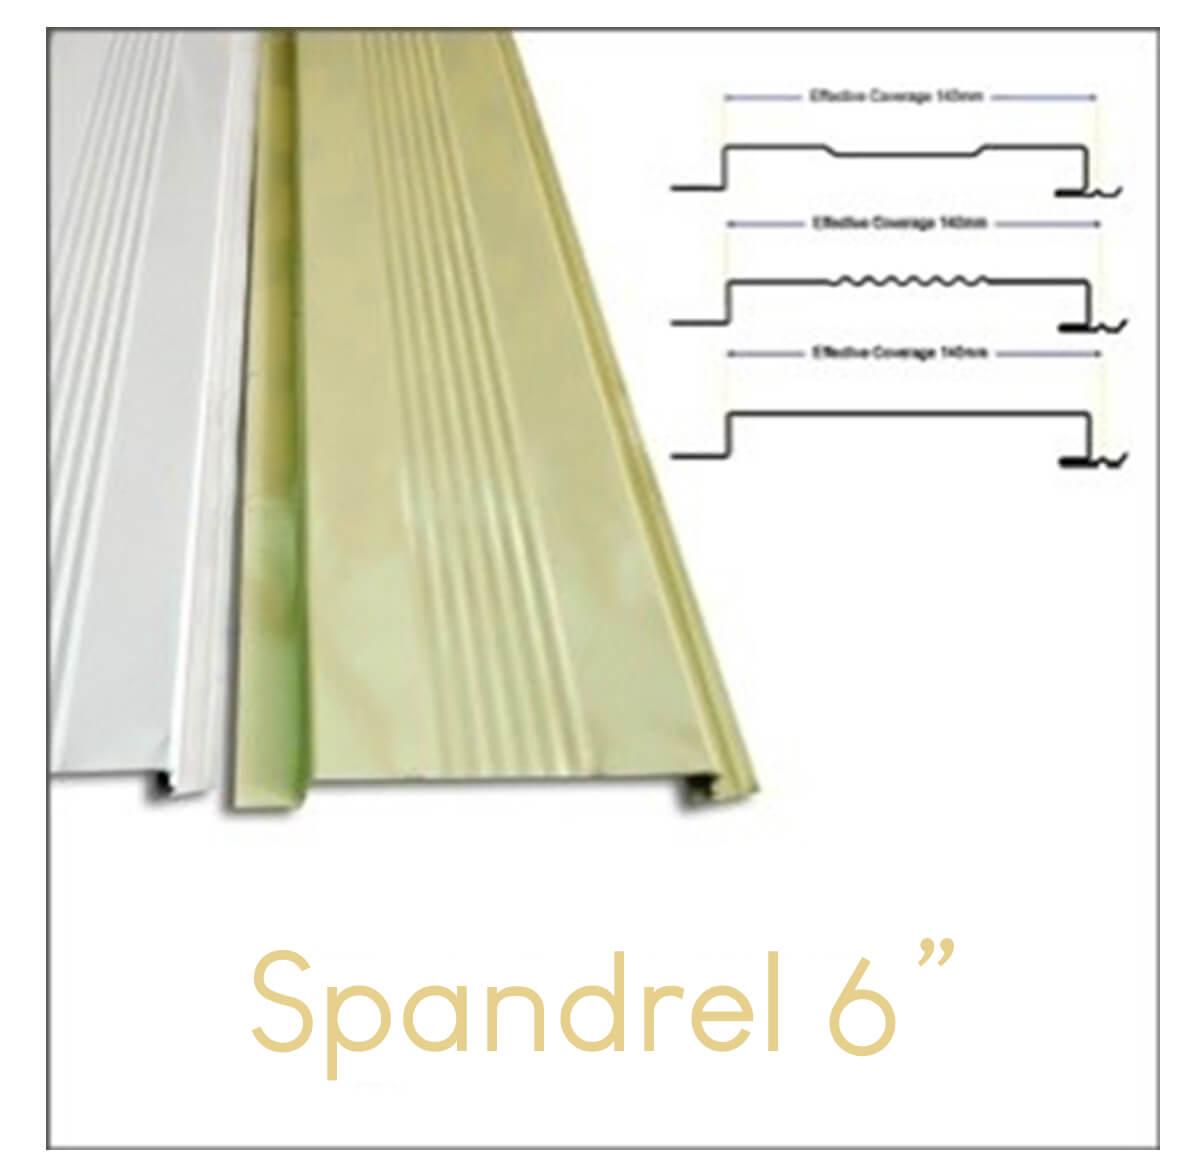 spandrel-2